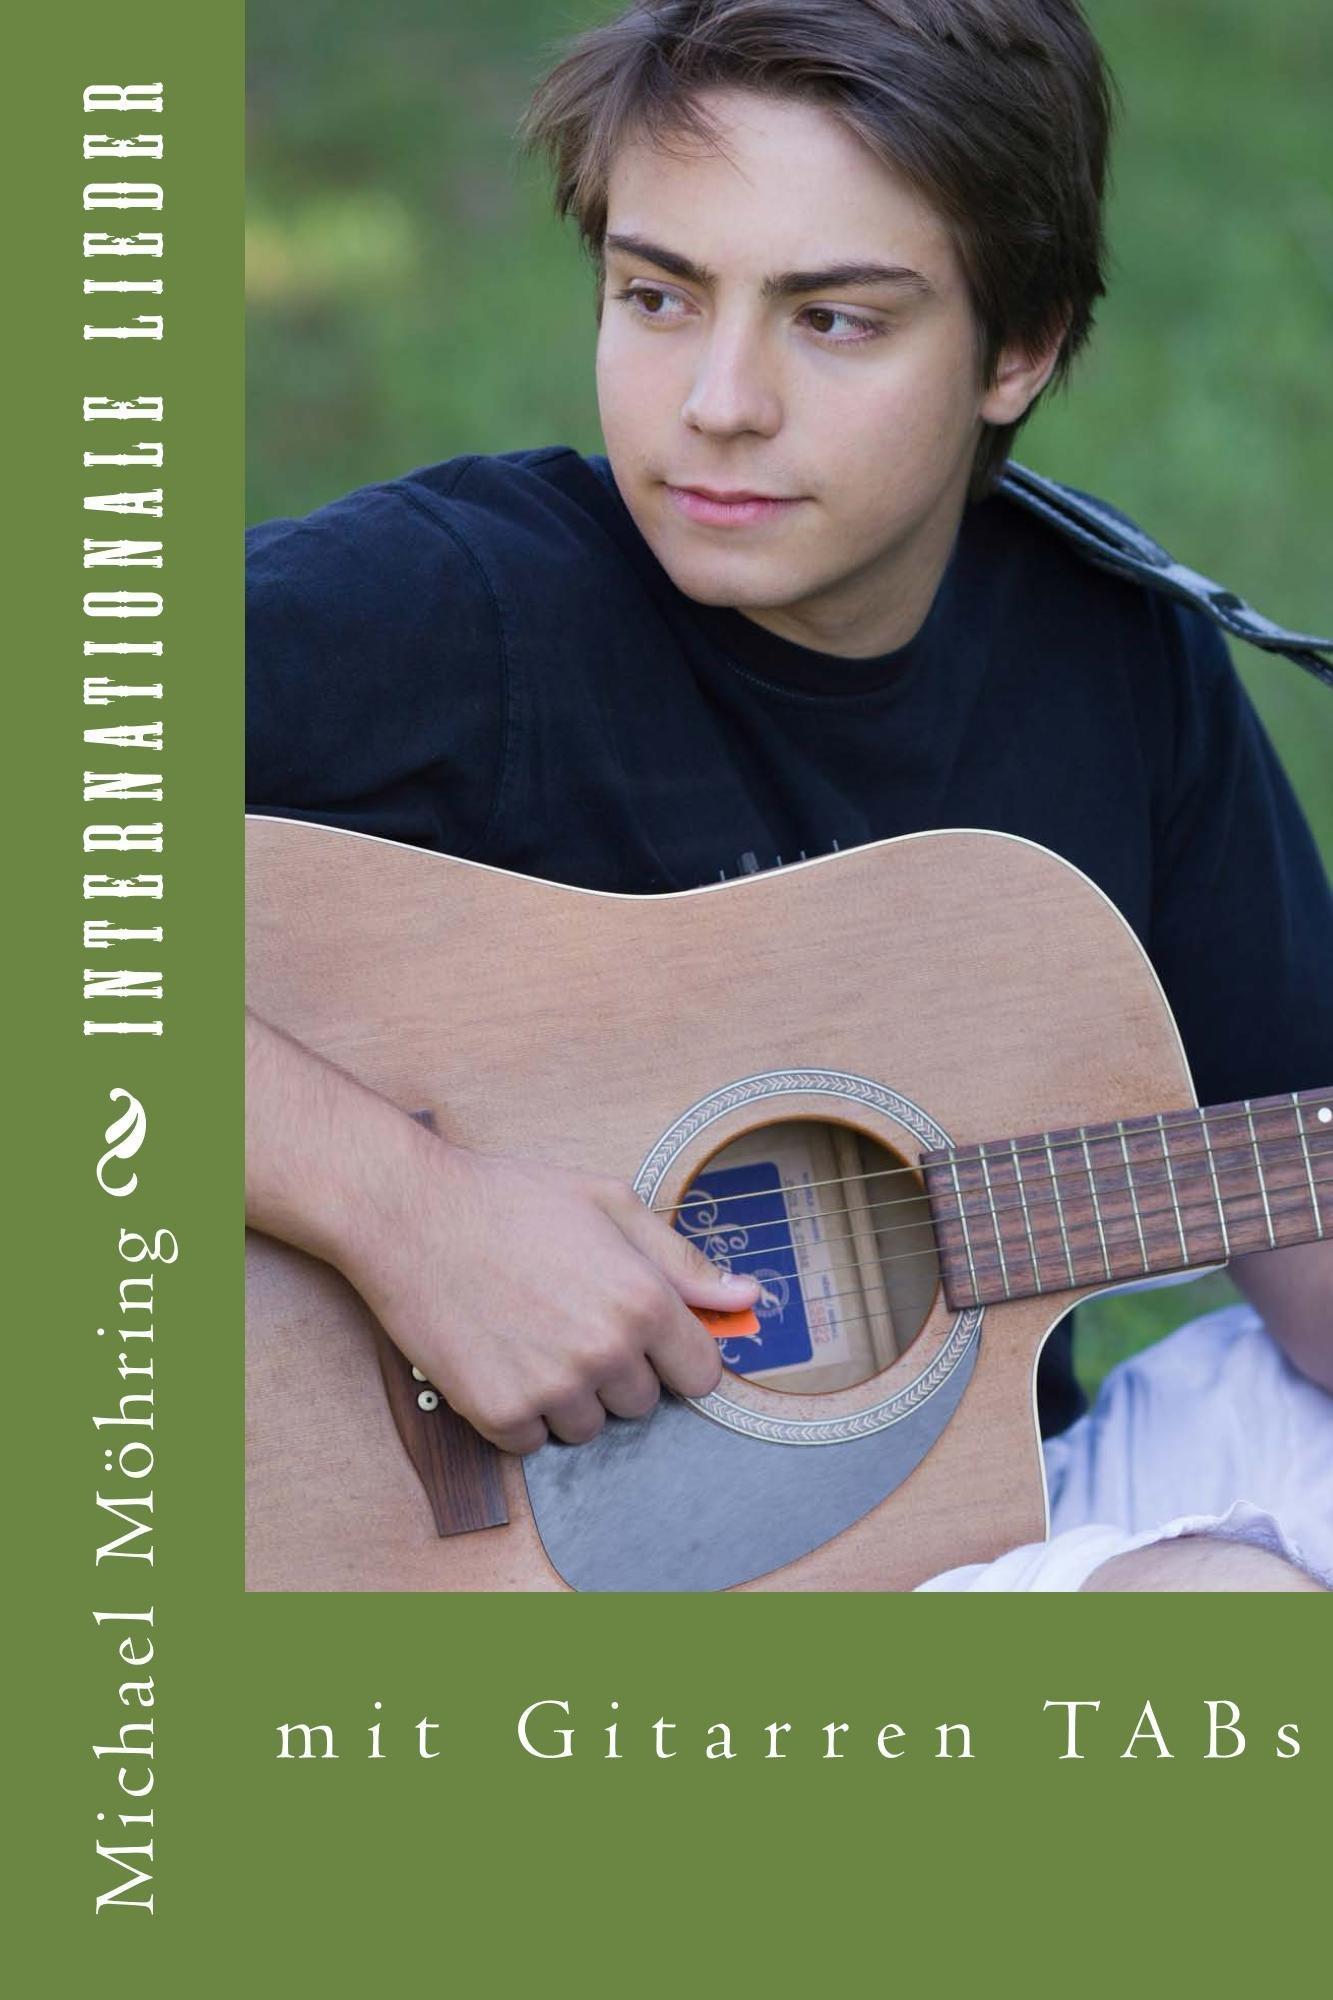 Internationale Lieder  Mit Gitarren TABs  English Edition